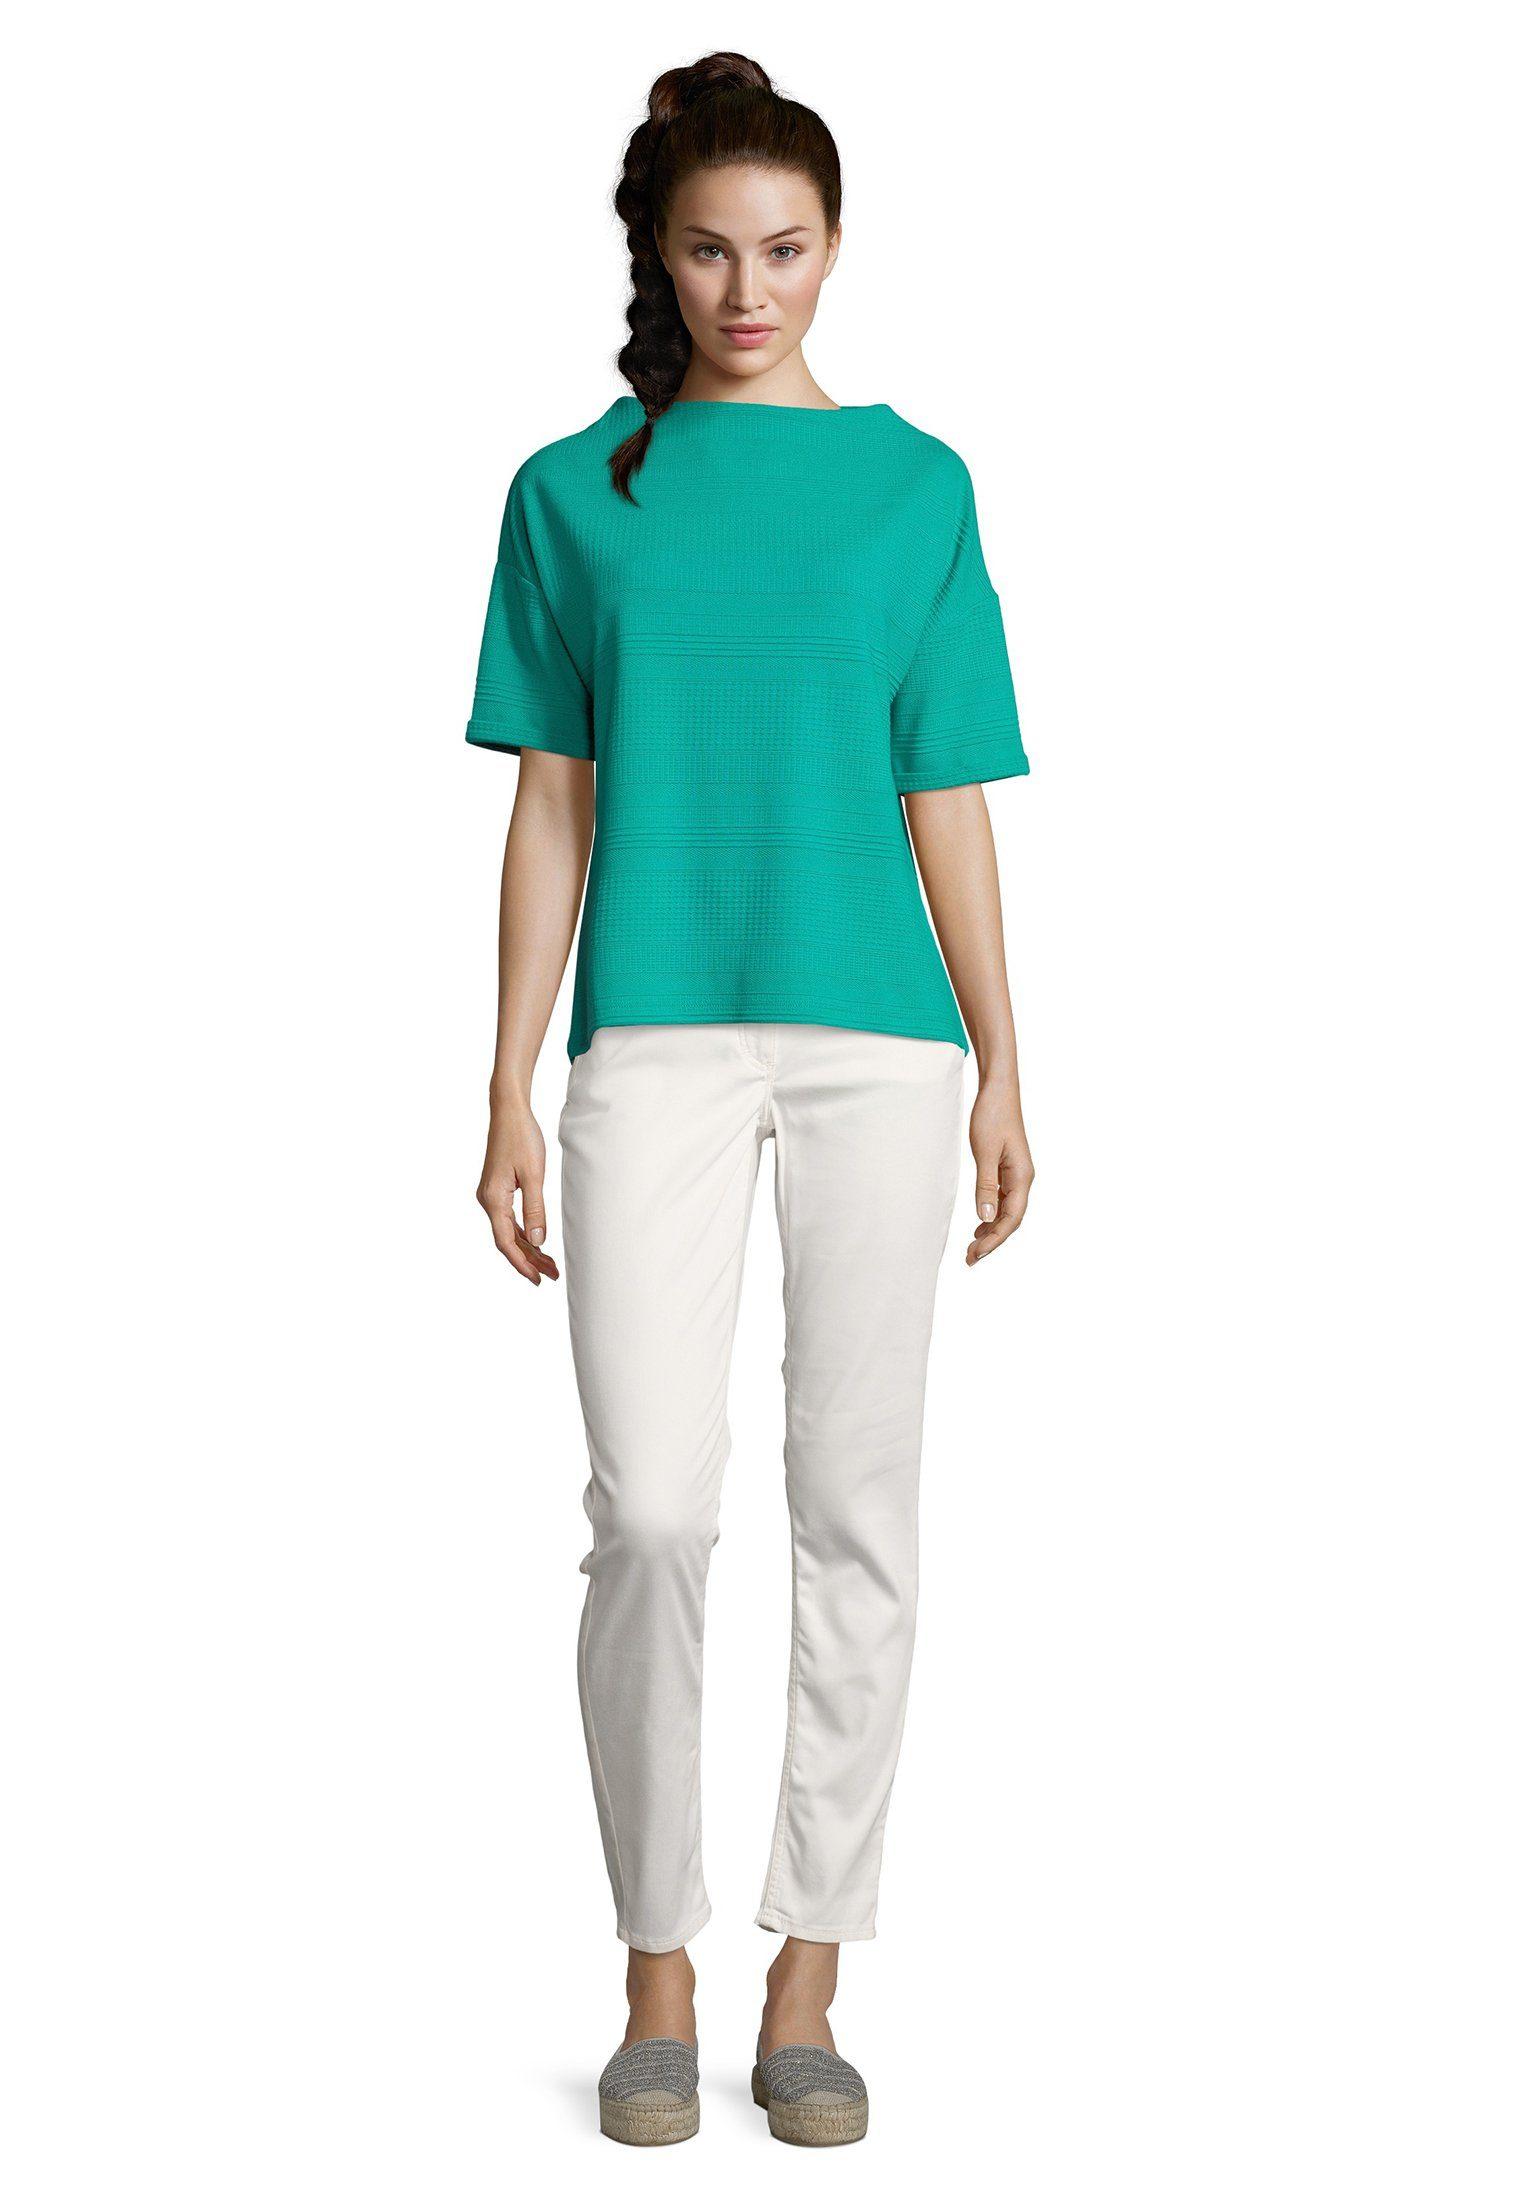 Struktur Barclay Betty Mit Kaufen Sweatshirt DI2HWE9